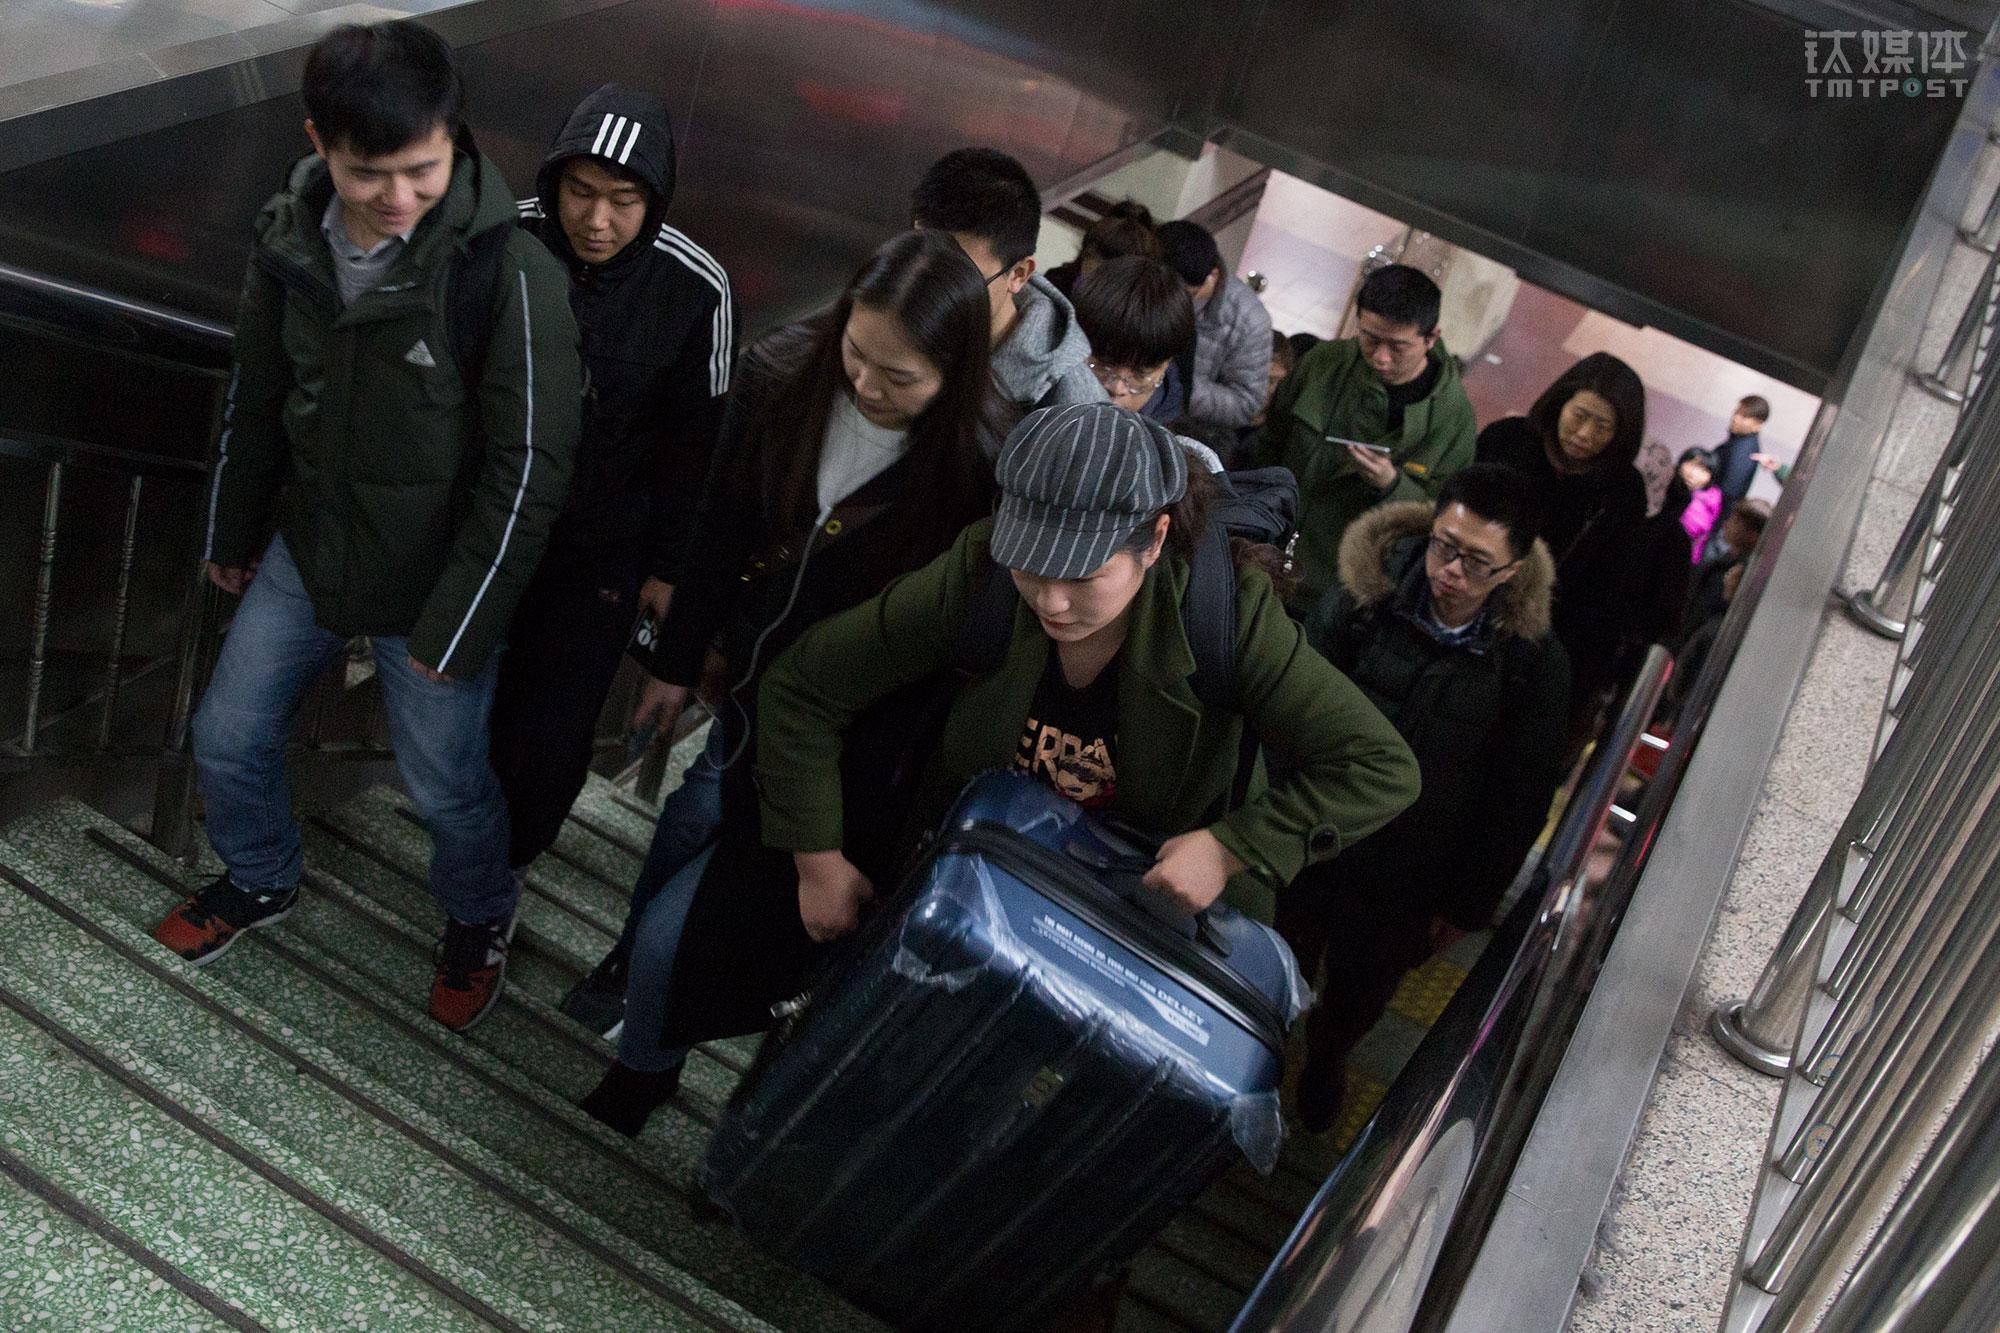 3月7日,北京四惠地铁站,中国传媒大学研究生路遥提着行李箱在地铁换乘,这一天她从山东老家回京,找到一份工作,是她接下来这3个月最重要的事情。2018年中国将有800万学生从高校毕业,他们中绝大部分都会走向社会谋求一份工作。